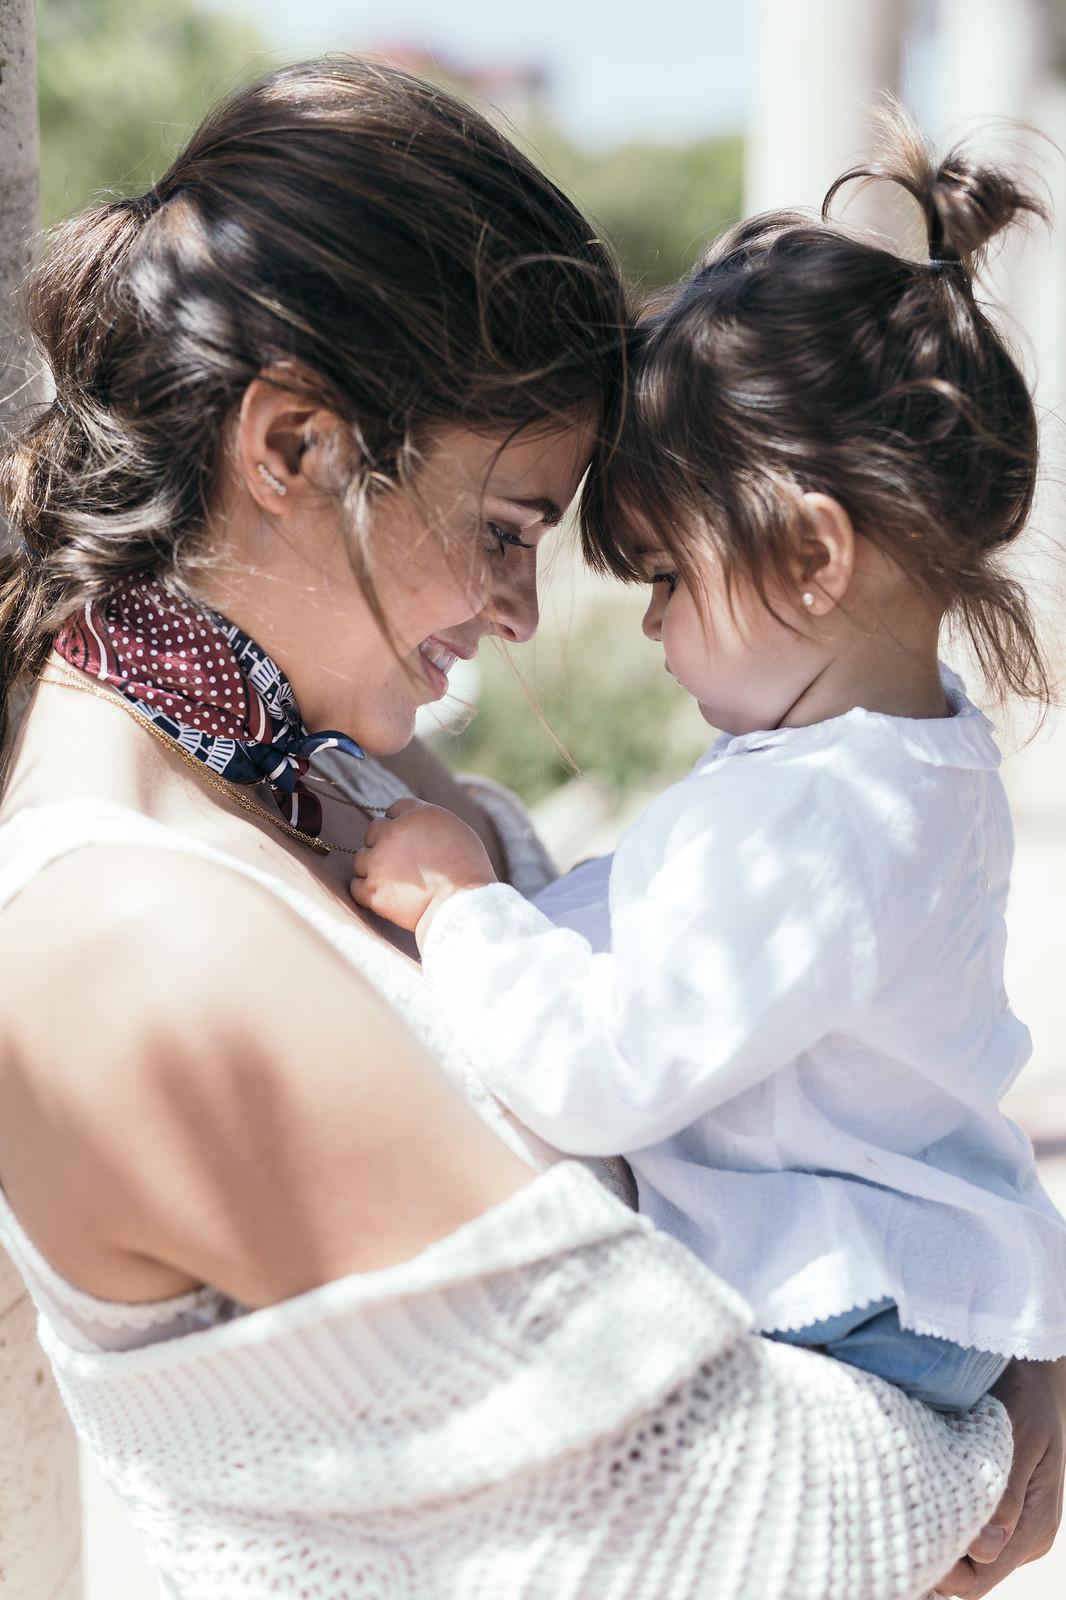 Jessie Chanes - Seams for a desire - El Corte Ingles - Giftlist - Lista de regalos dia de la madre -8